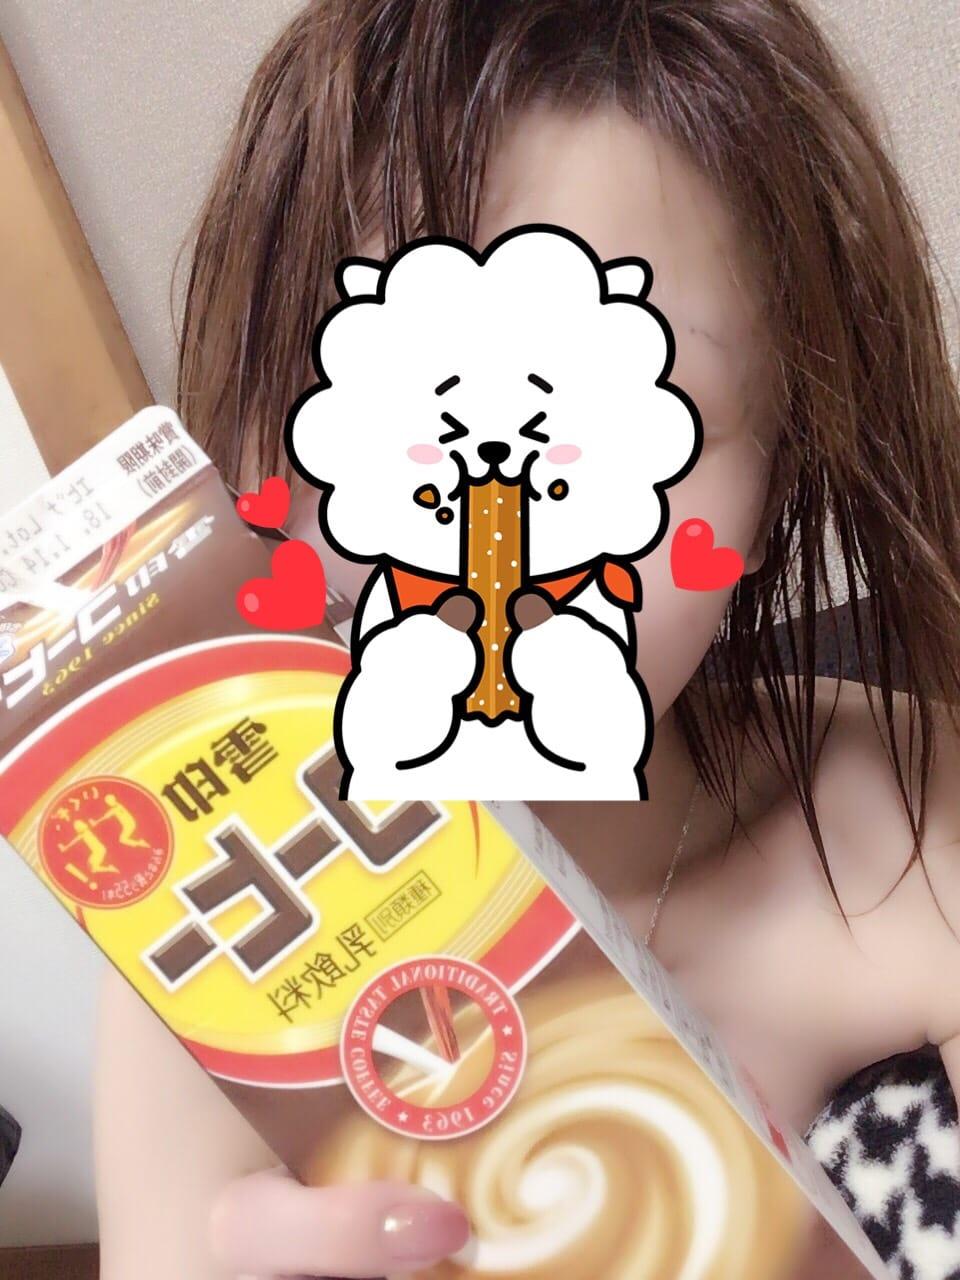 「熟睡♡」01/21(日) 10:09 | 松山‐まつやま‐の写メ・風俗動画